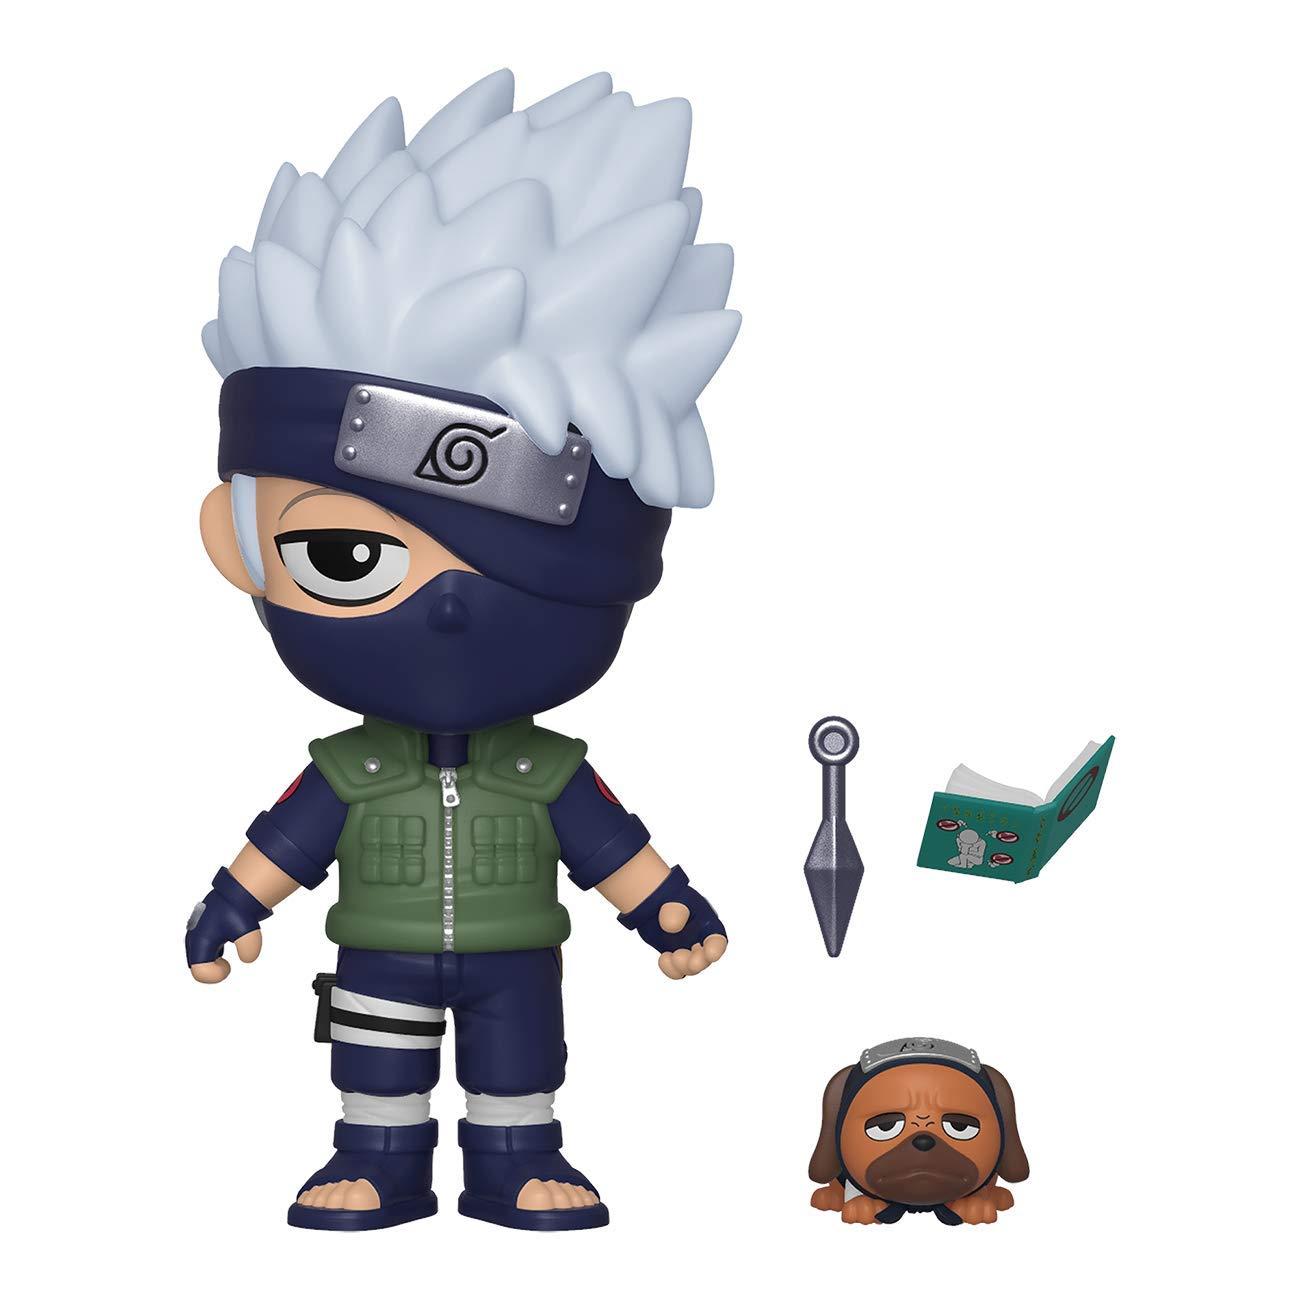 火影忍者 not appropriate for children under the age of 3 Funko 41079 5 Star: Naruto S3 - Kakashi Collectible Figure, Multicolour Standard 多种颜色